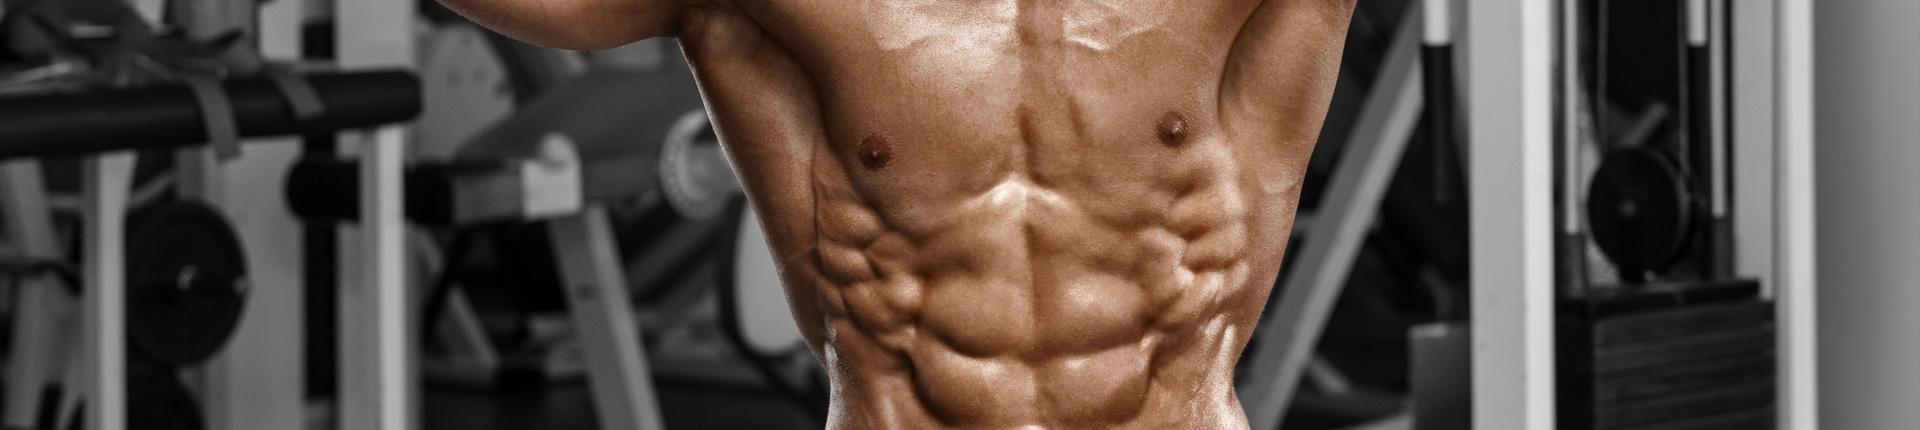 Proste sposoby na redukcję tłuszczu: fakty i mity. CZ. I